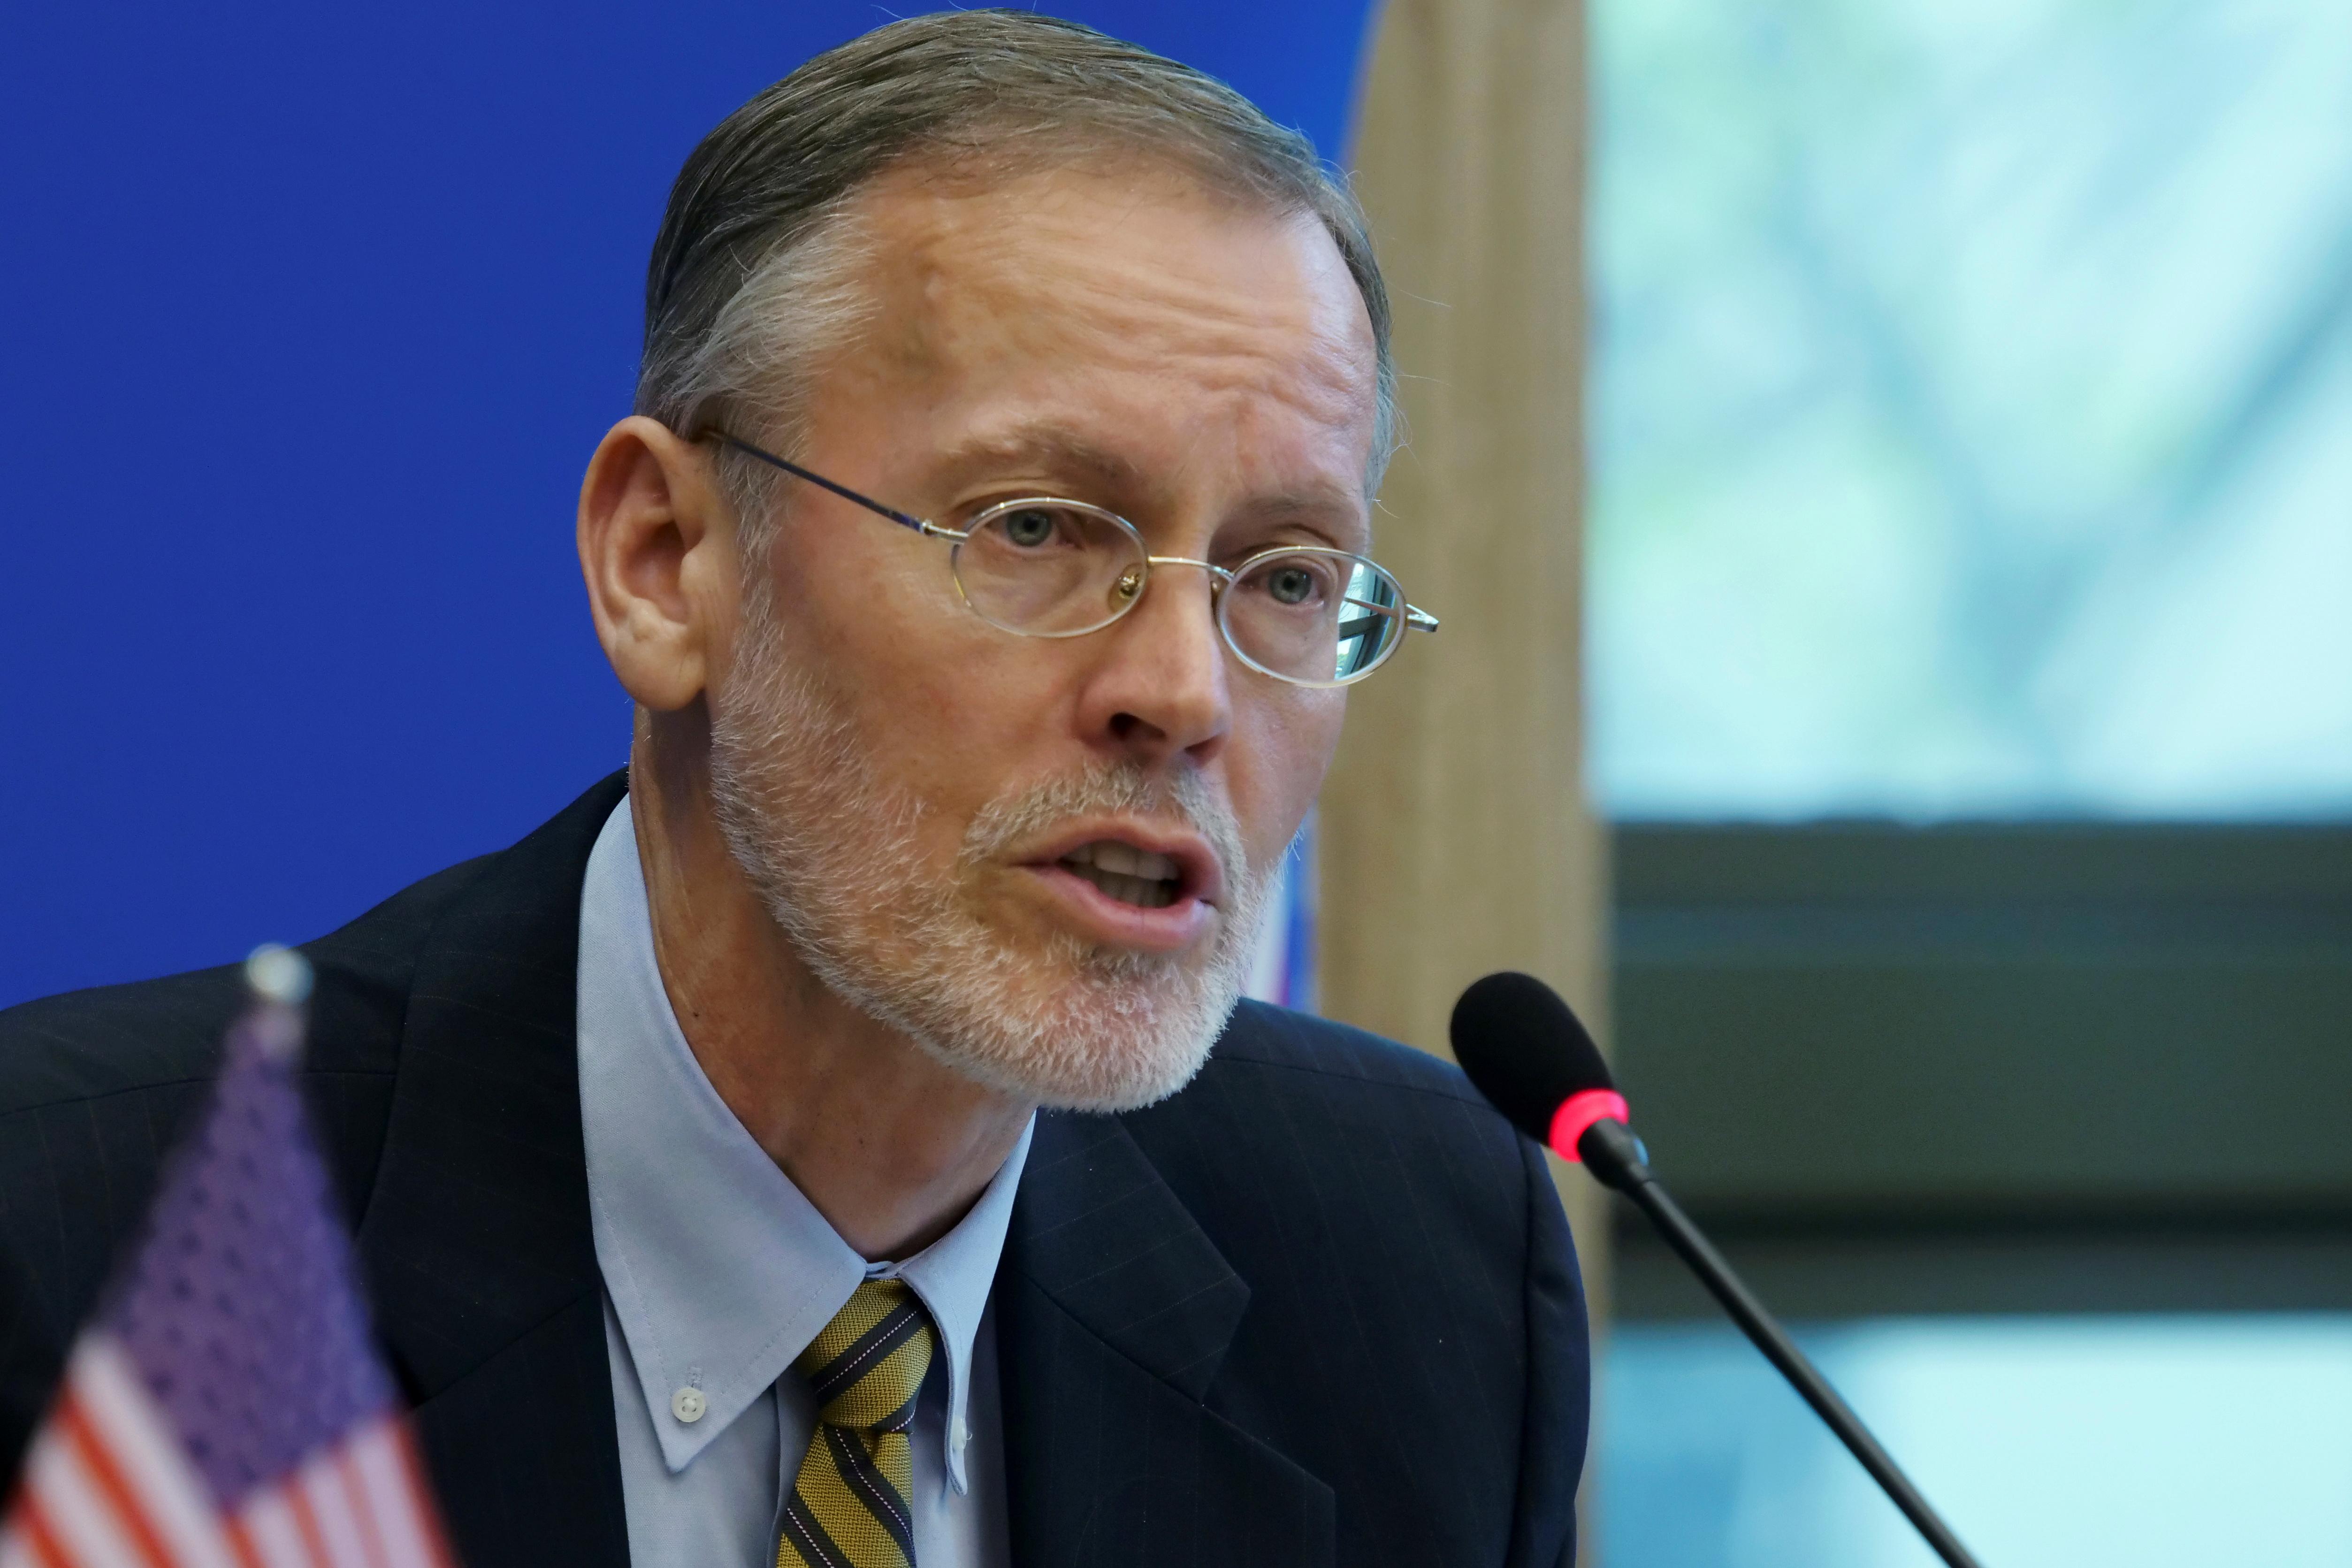 Brent Christensen, giám đốc Viện Hoa Kỳ tại Đài Loan, phát biểu tại Đài Bắc, Đài Loan ngày 22 tháng 11 năm 2019. REUTERS / Fabian Hamacher / File Photo